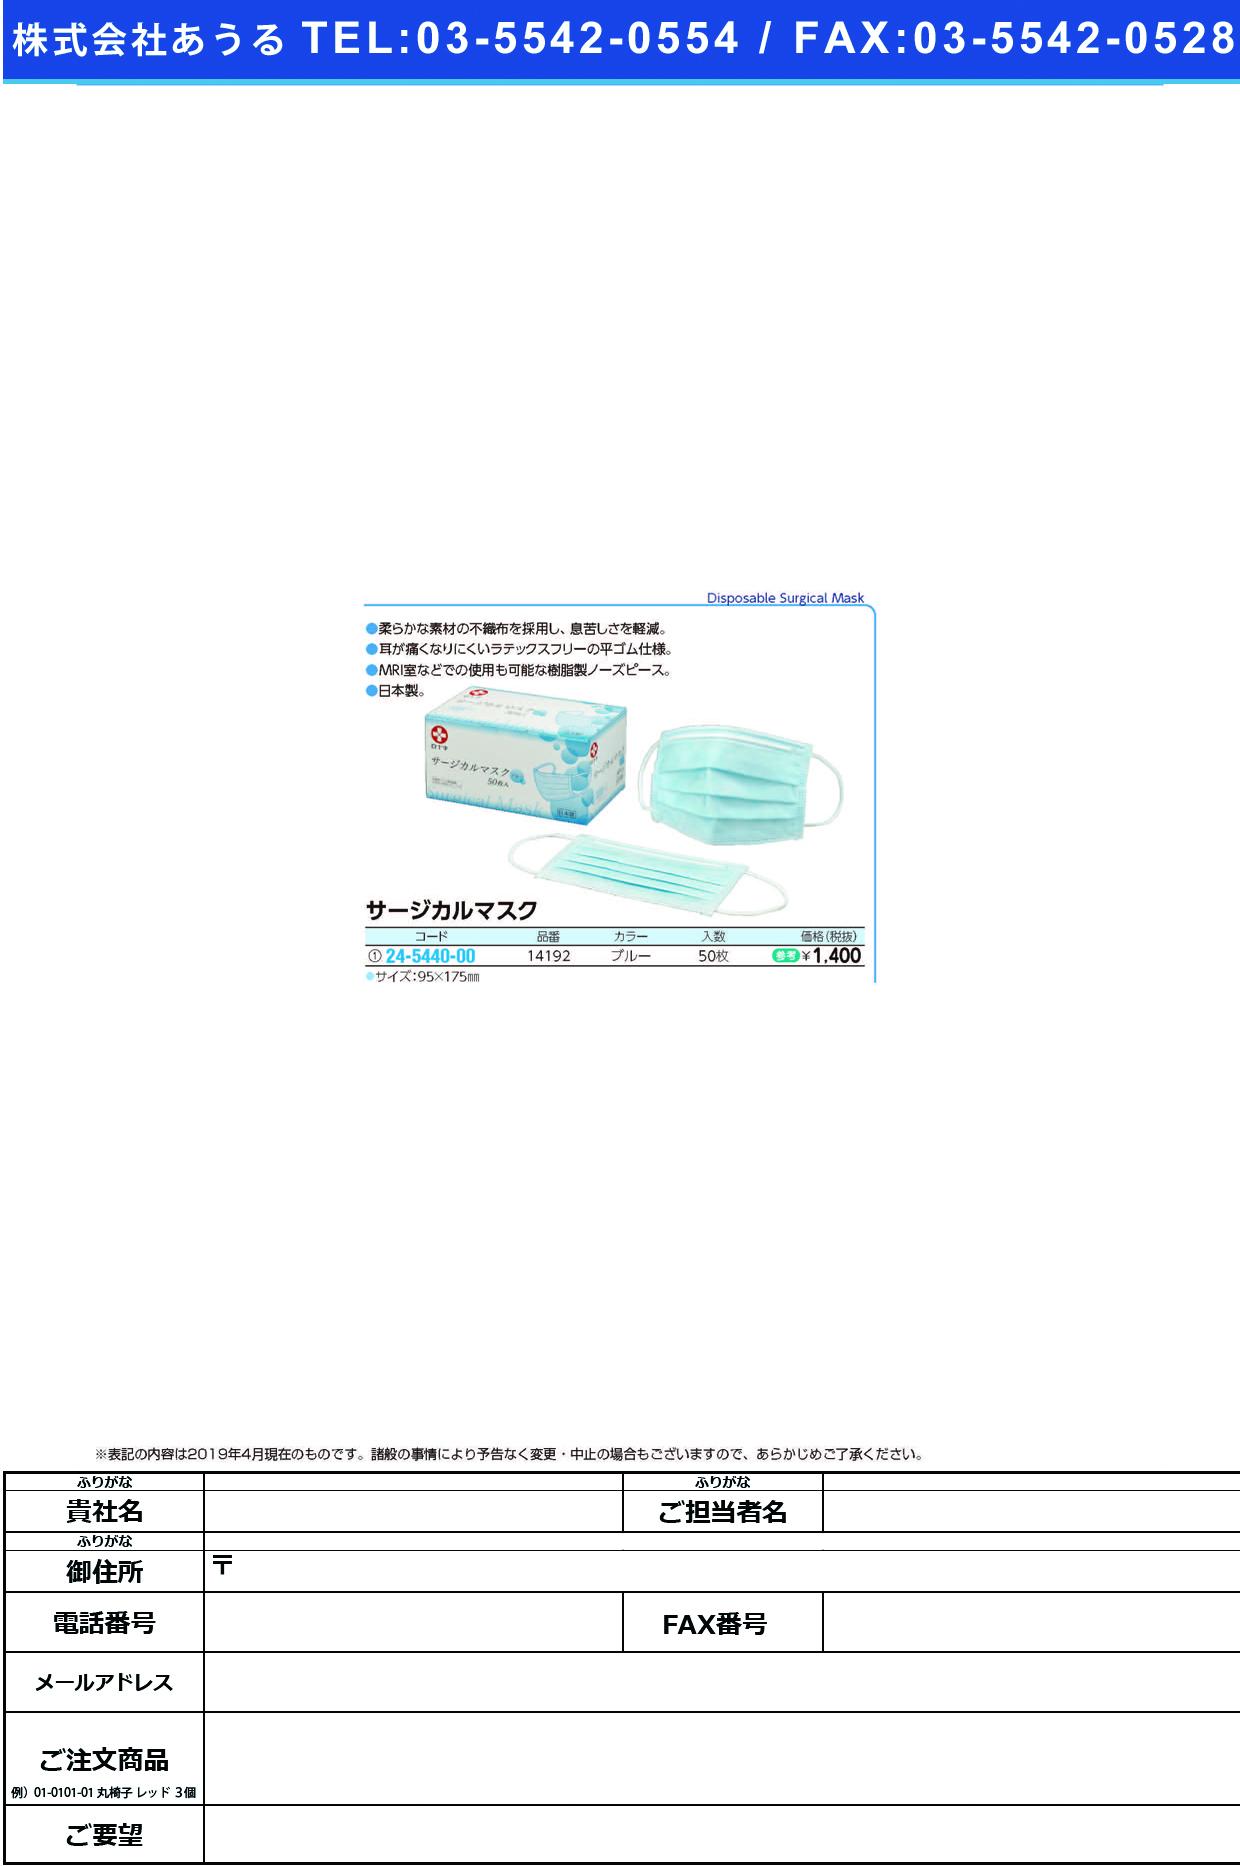 (24-5440-00)白十字サージカルマスク 14192(ブルー)50マイイリ サージカルマスク(白十字)【1箱単位】【2019年カタログ商品】